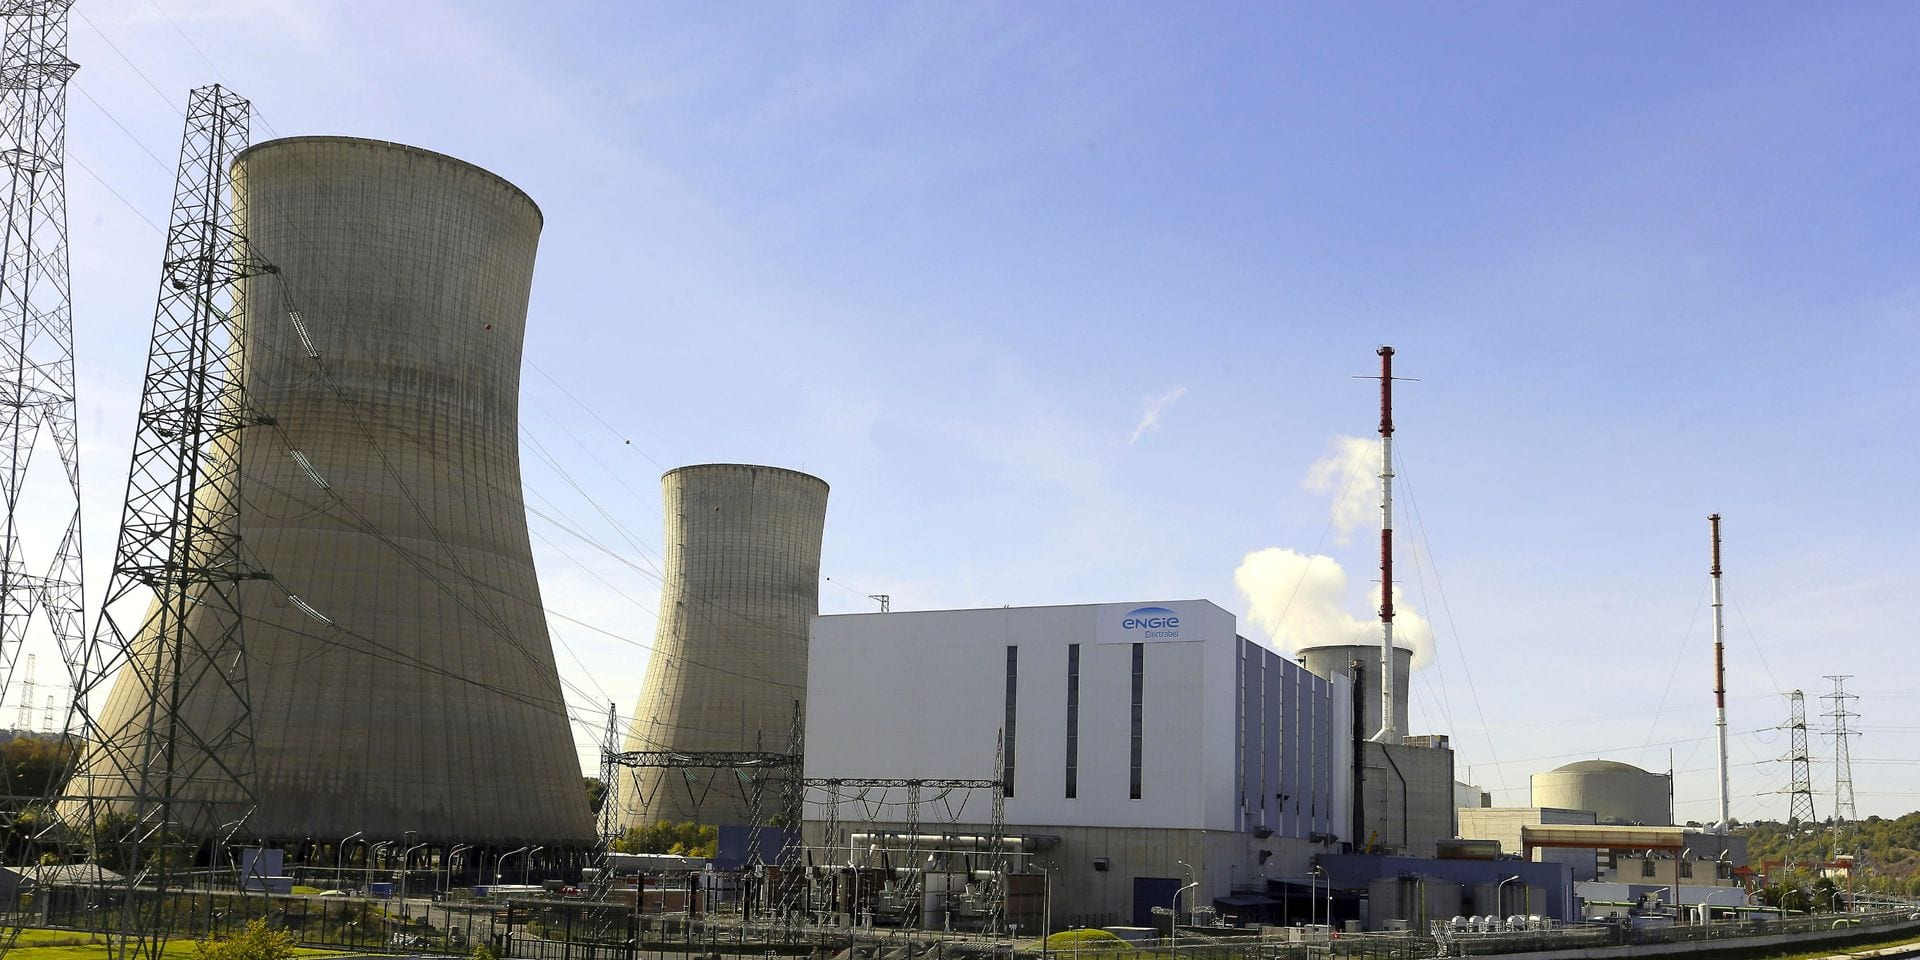 """L'Agence de contrôle nucléaire ne s'oppose pas au redémarrage de Tihange 2: """"Les microbulles d'hydrogène dans les parois de la cuve du réacteur n'ont pas évolué"""""""